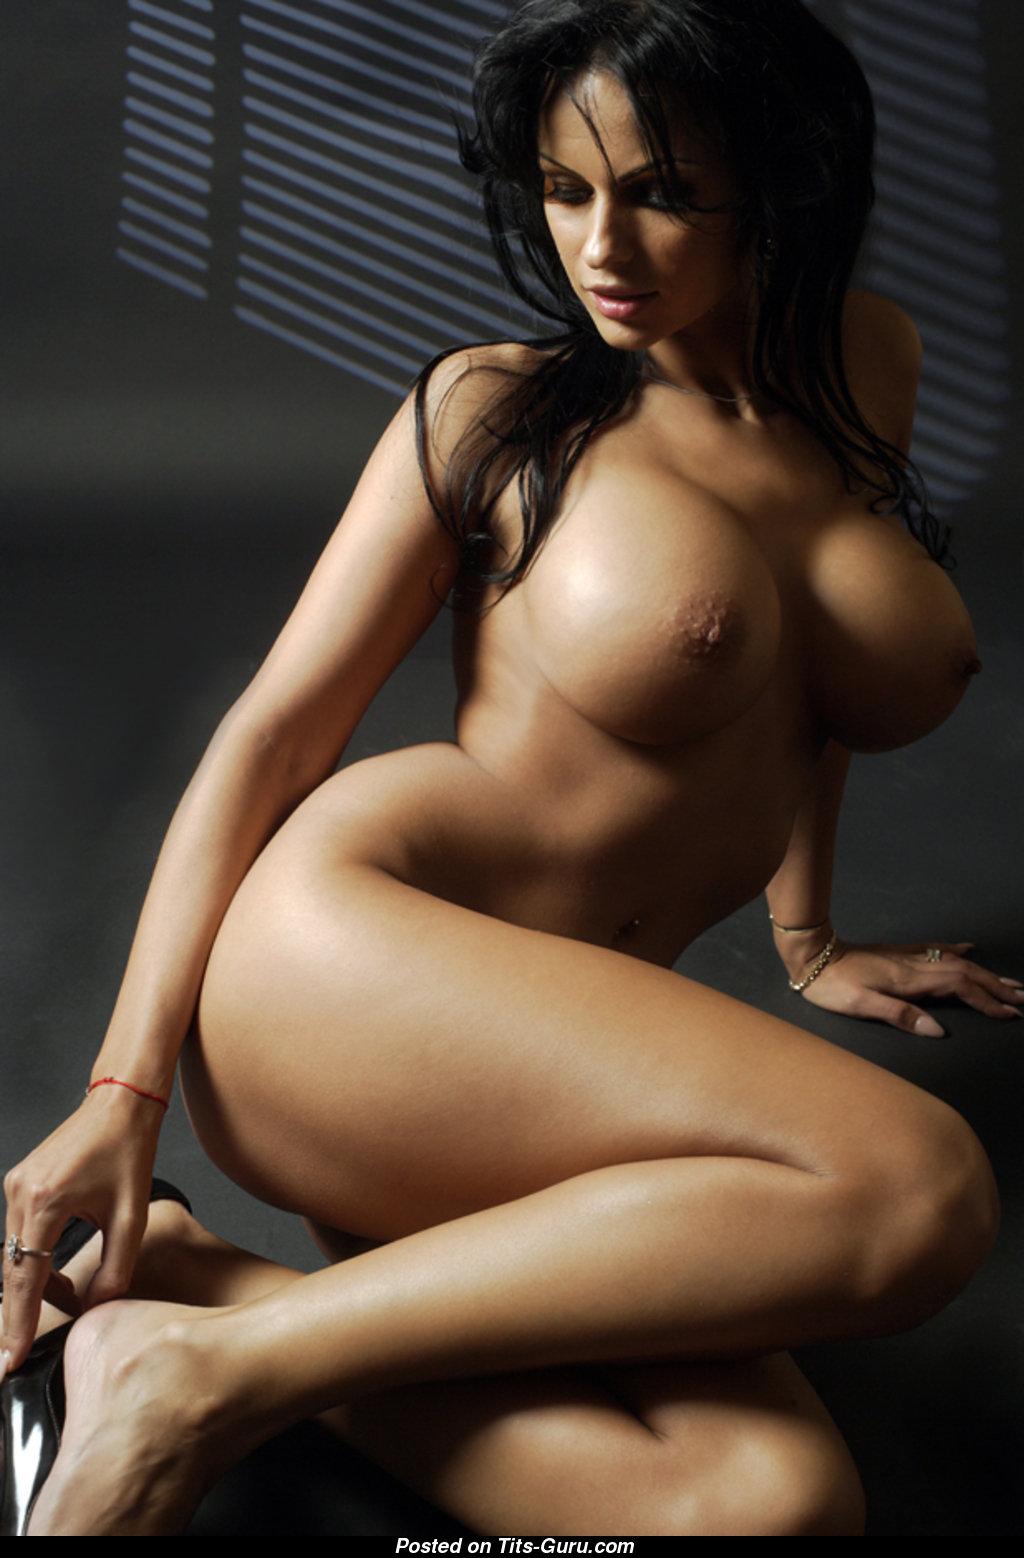 samie-seksualnie-golie-devushki-na-planete-foto-porno-so-zrelimi-v-avtobuse